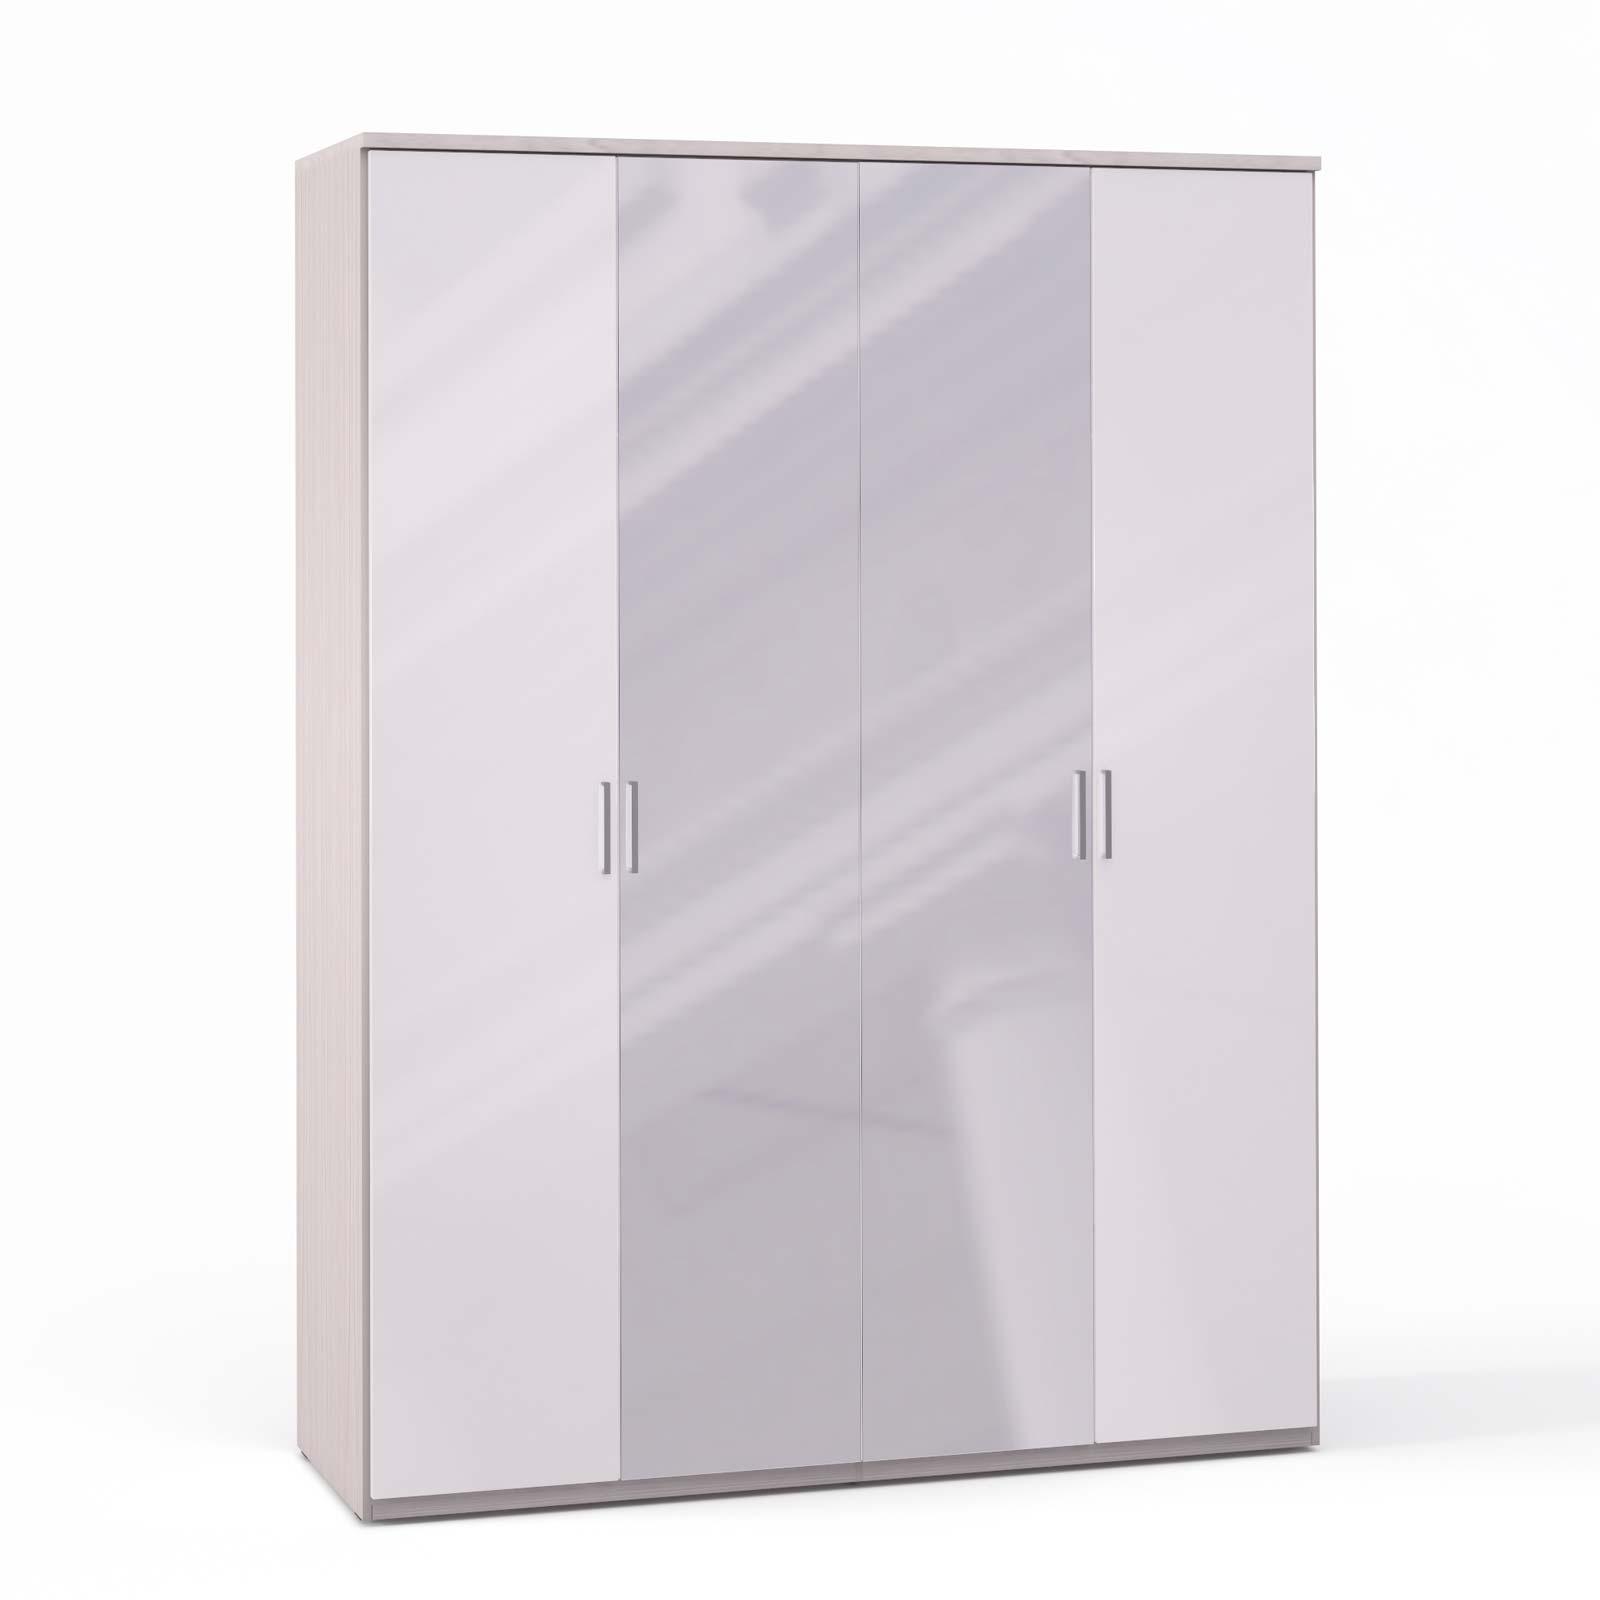 Спальня Rimini Ice Шкаф 4 дв. (2+2) с зерк. - 5498